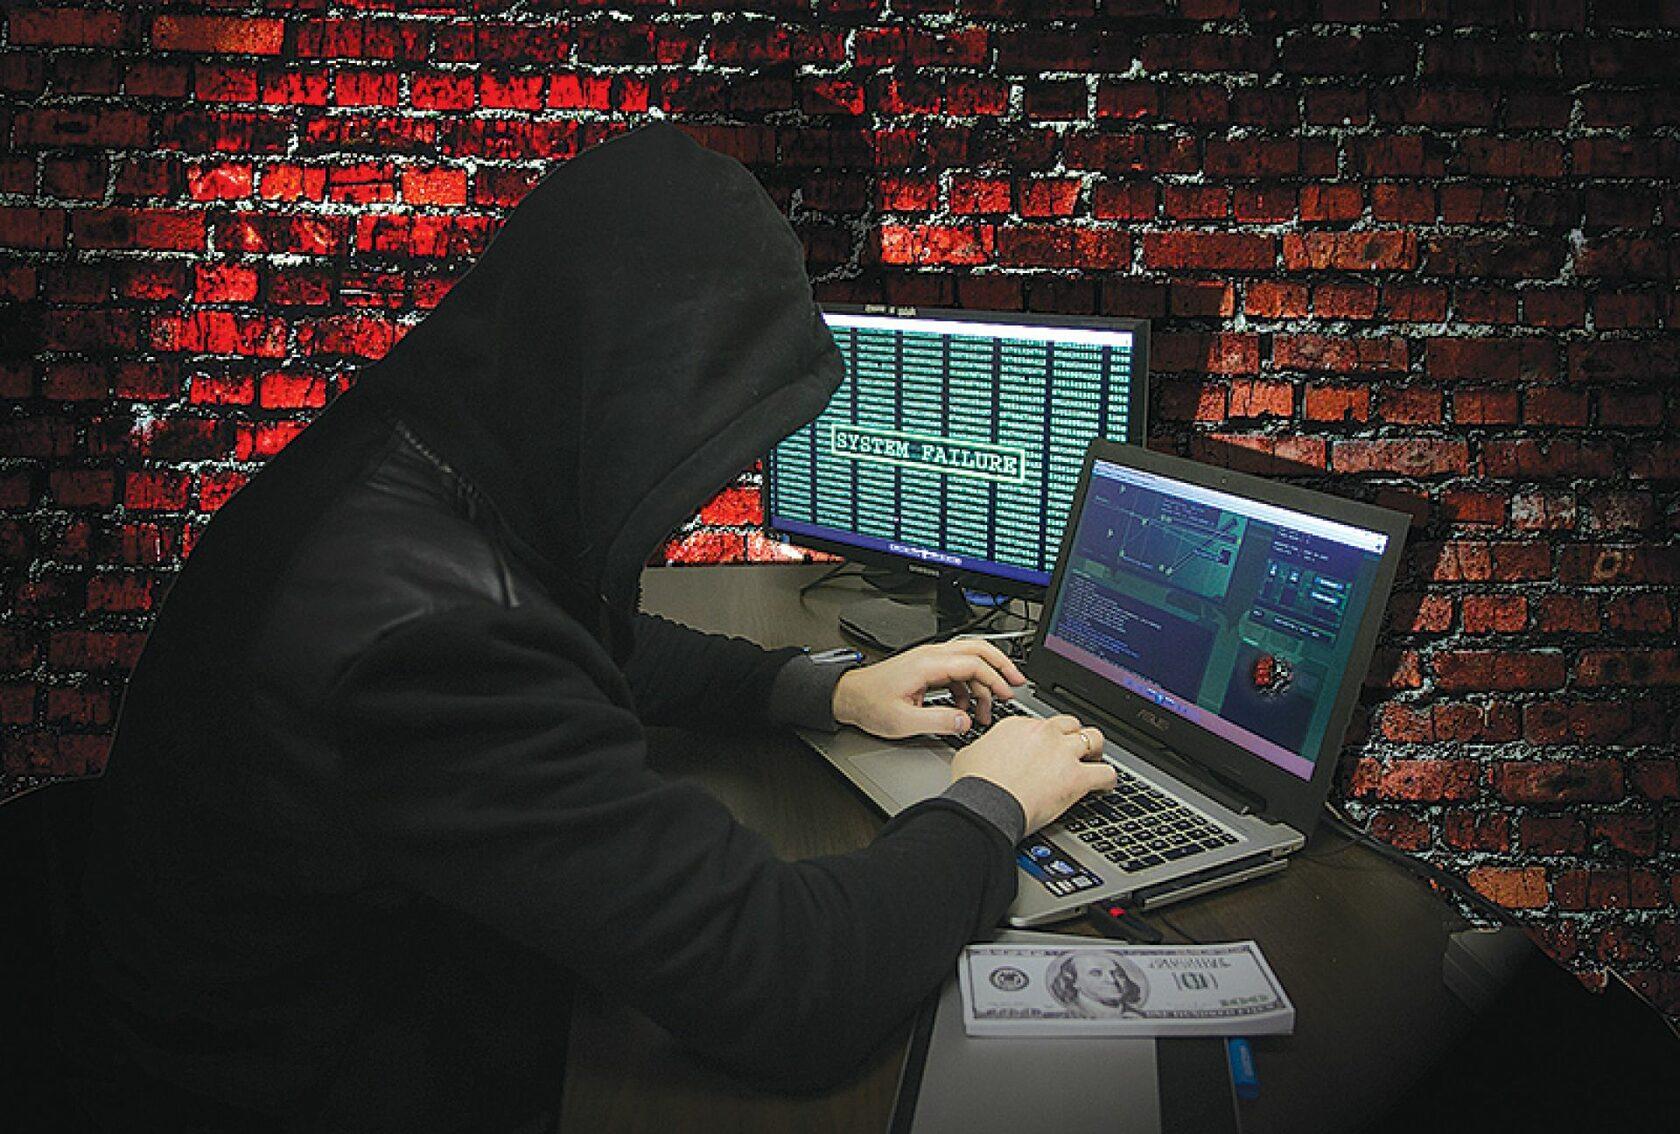 Как уберечься от мобильного мошенничества? Адвокат в Запорожье. Юридическое бюро Линия права